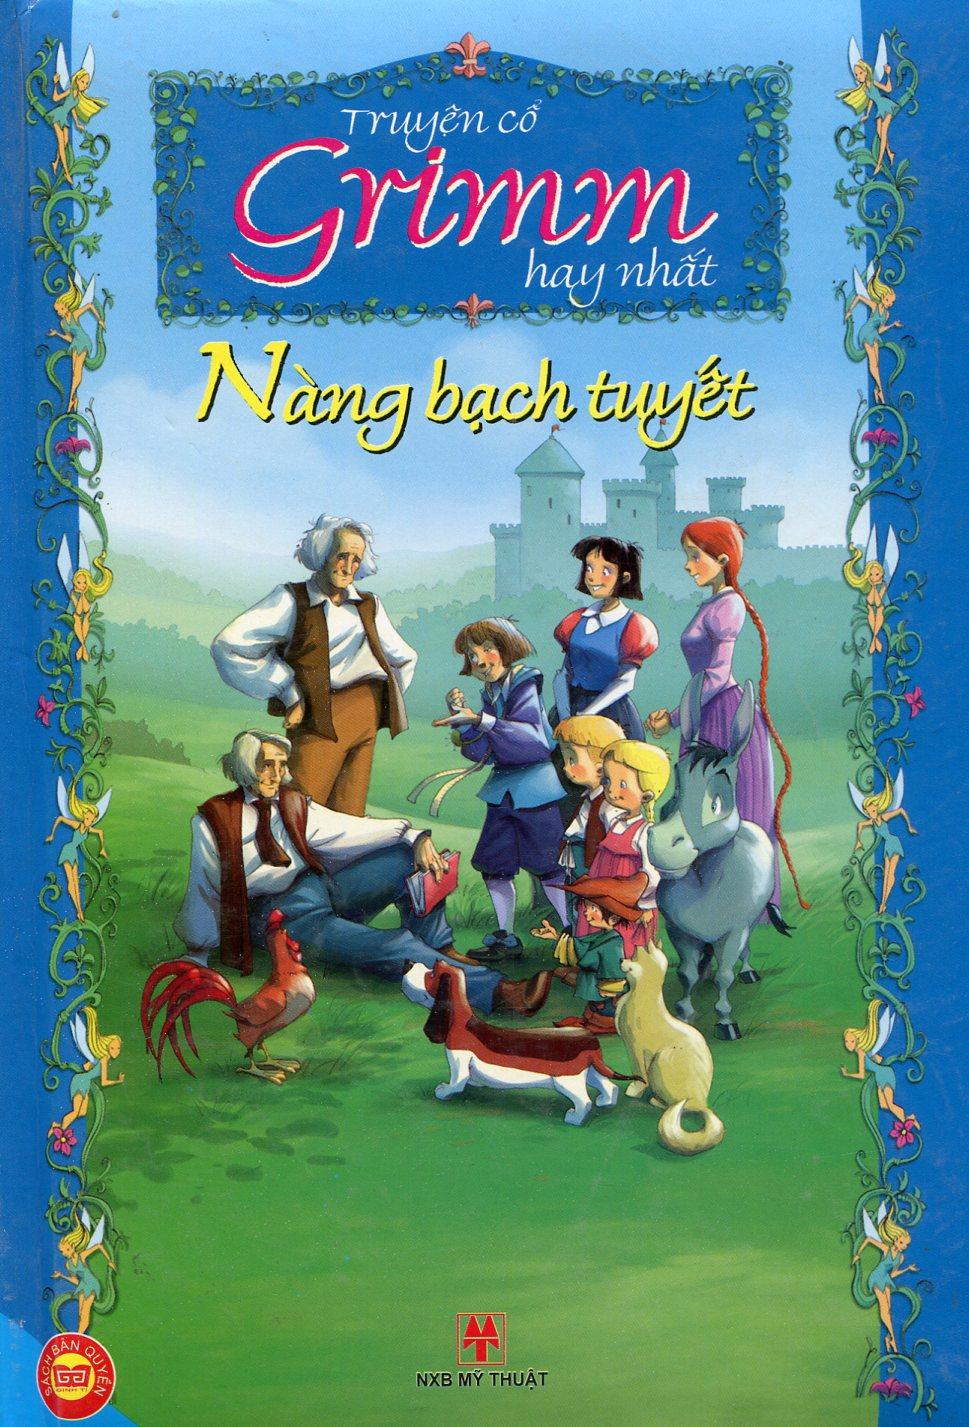 Bìa sách Truyện Cổ Grimm Hay Nhất - Nàng Bạch Tuyết (Bản Màu)